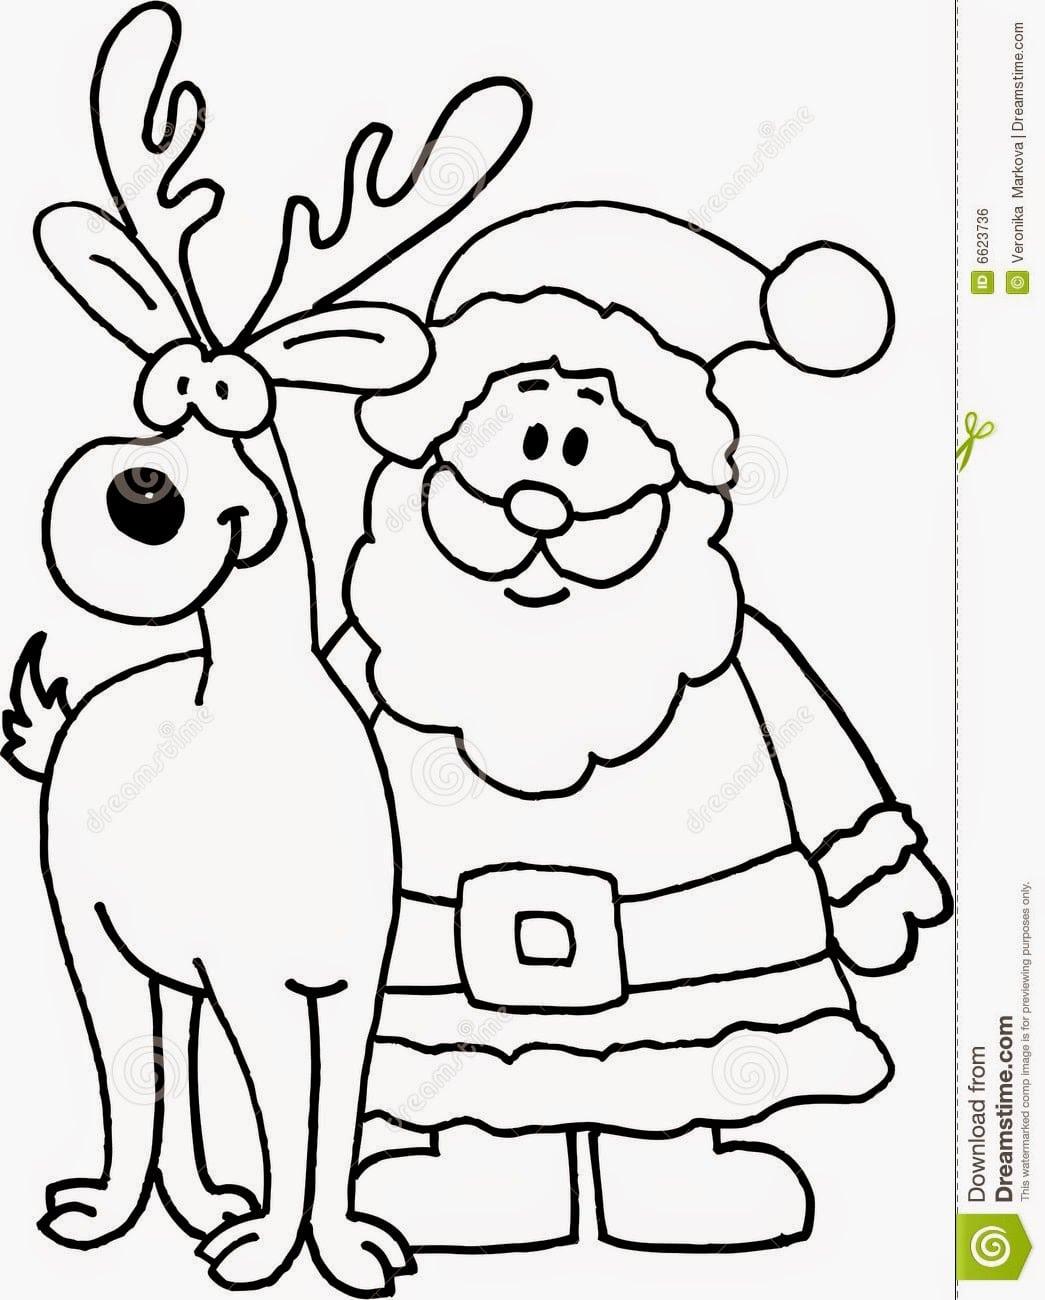 Aprende Brincando  12 Imagens Do Pai Natal (papai Noel) Para Colorir